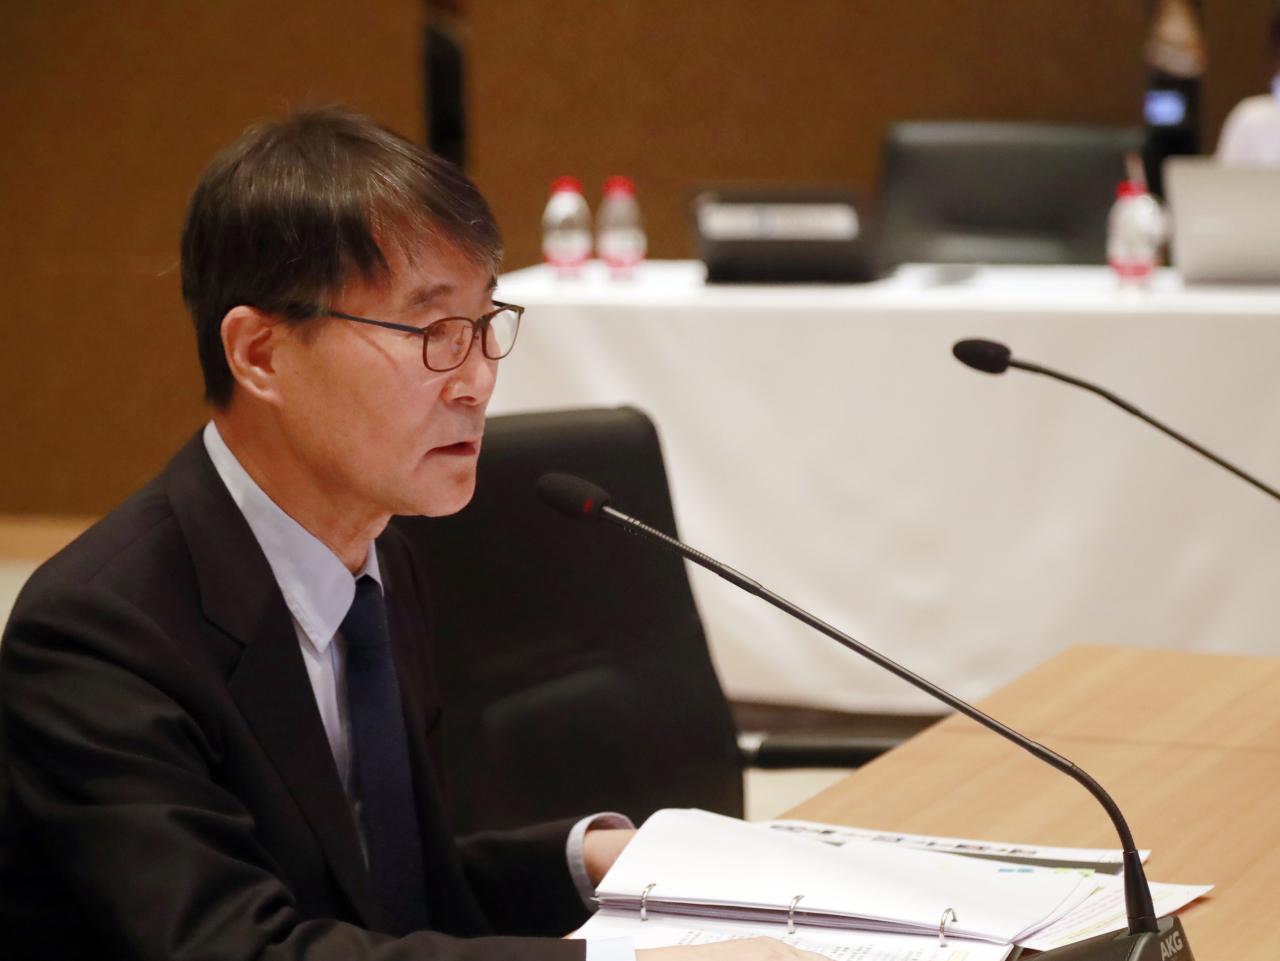 South Korean Ambassador to China Jang Ha-sung (Yonhap)